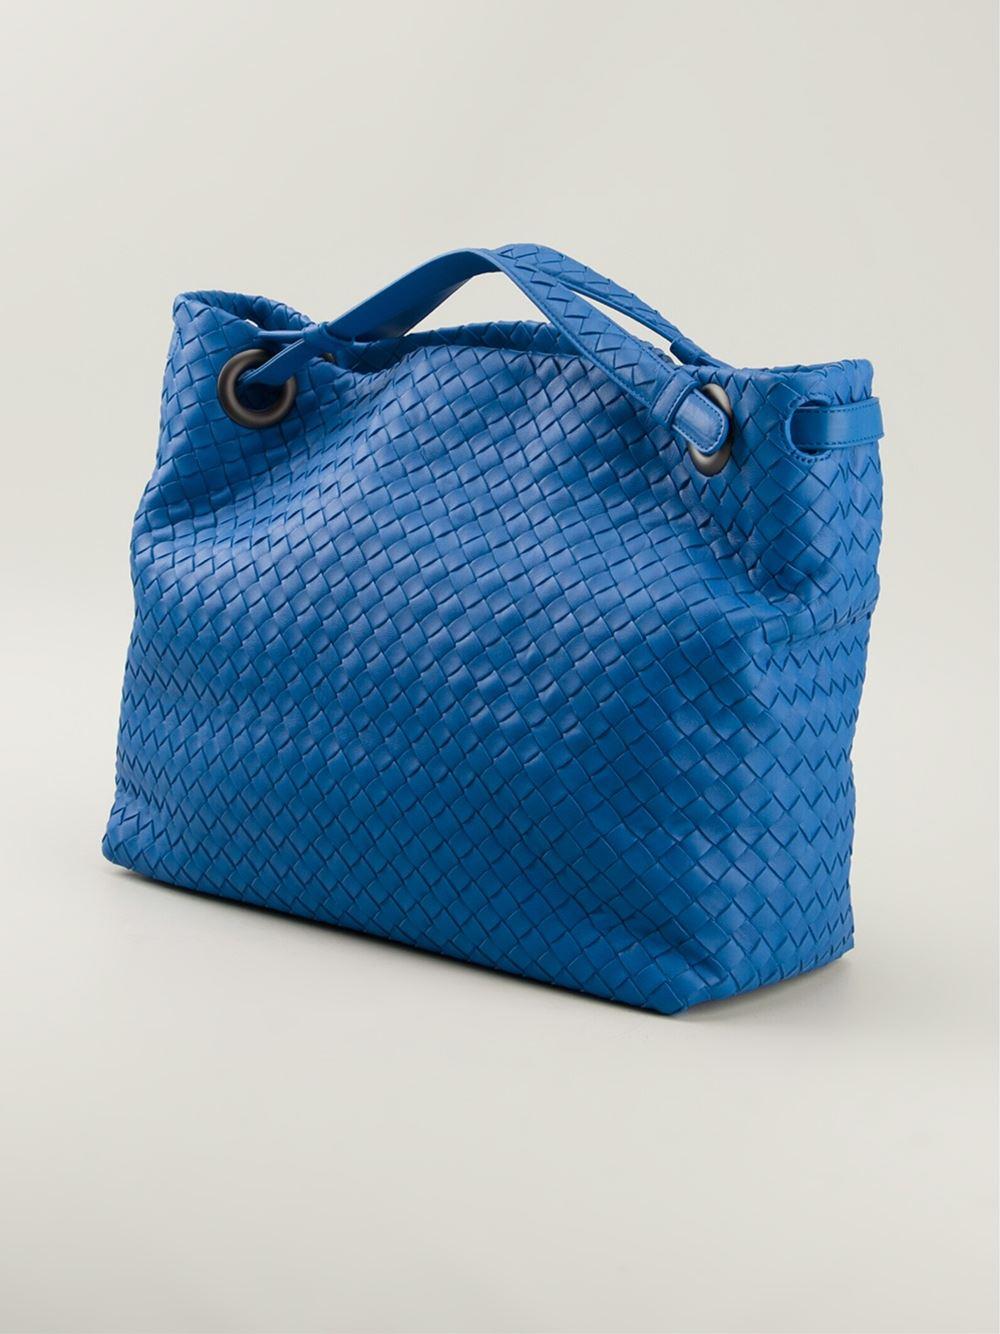 5a40d4da245a bottega veneta online - Bottega veneta Medium Intrecciato Tote in Blue